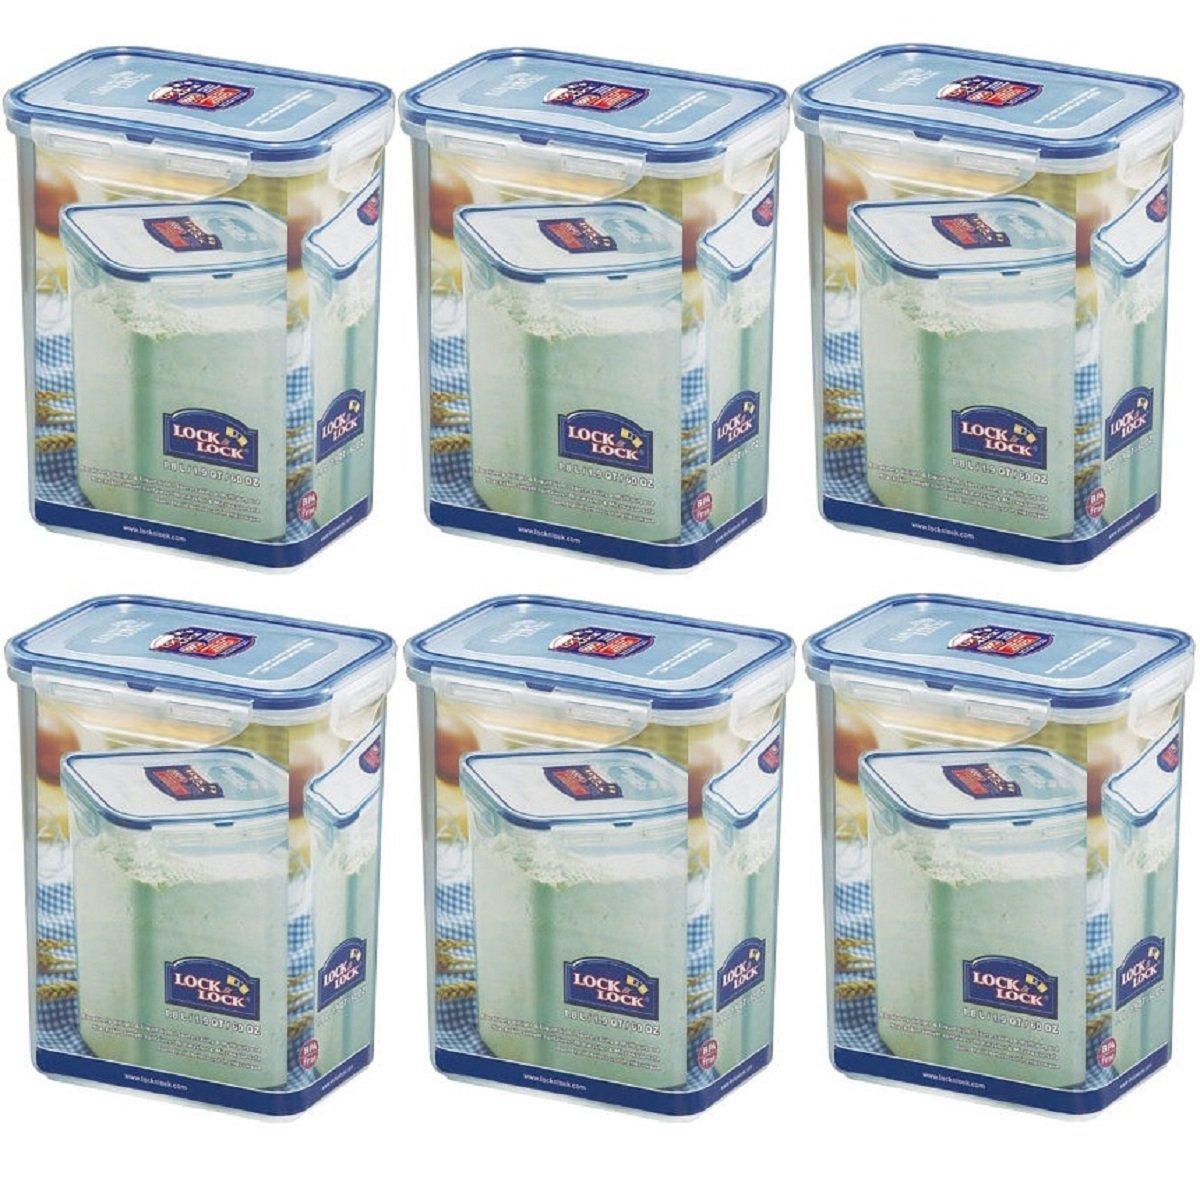 & Lock Lock-Set di contenitori per alimenti, 6/HPL 813s6 1,8 x 6 l Lock & Lock lock_lock_hpl_813_6